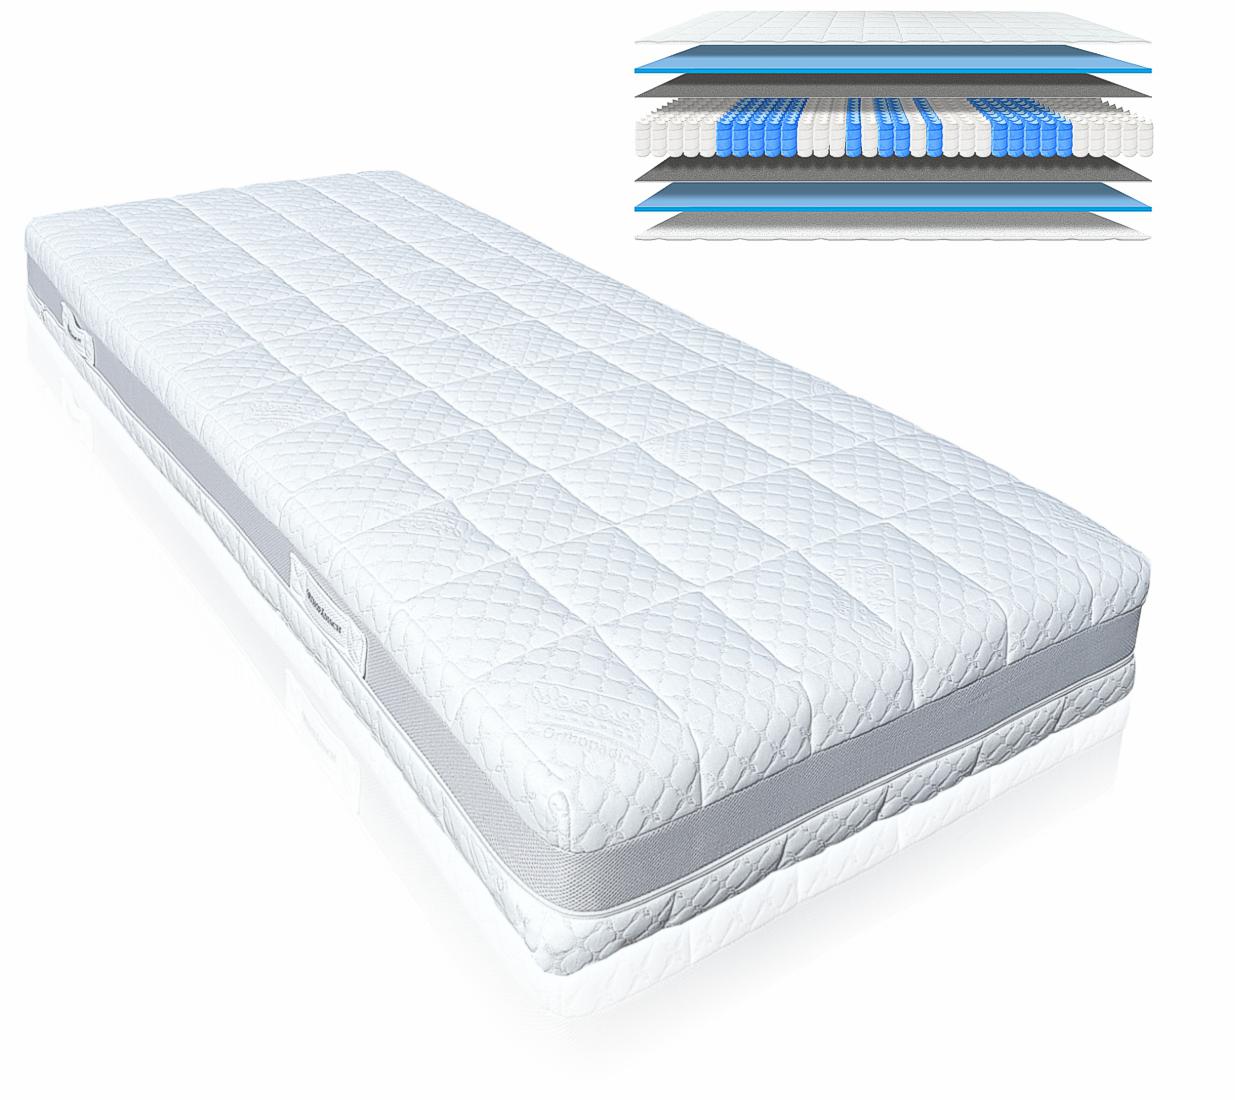 orthop dische 9 zonen tonnentaschenfederkernmatratze hamburg deluxe h3 100x200cm ebay. Black Bedroom Furniture Sets. Home Design Ideas